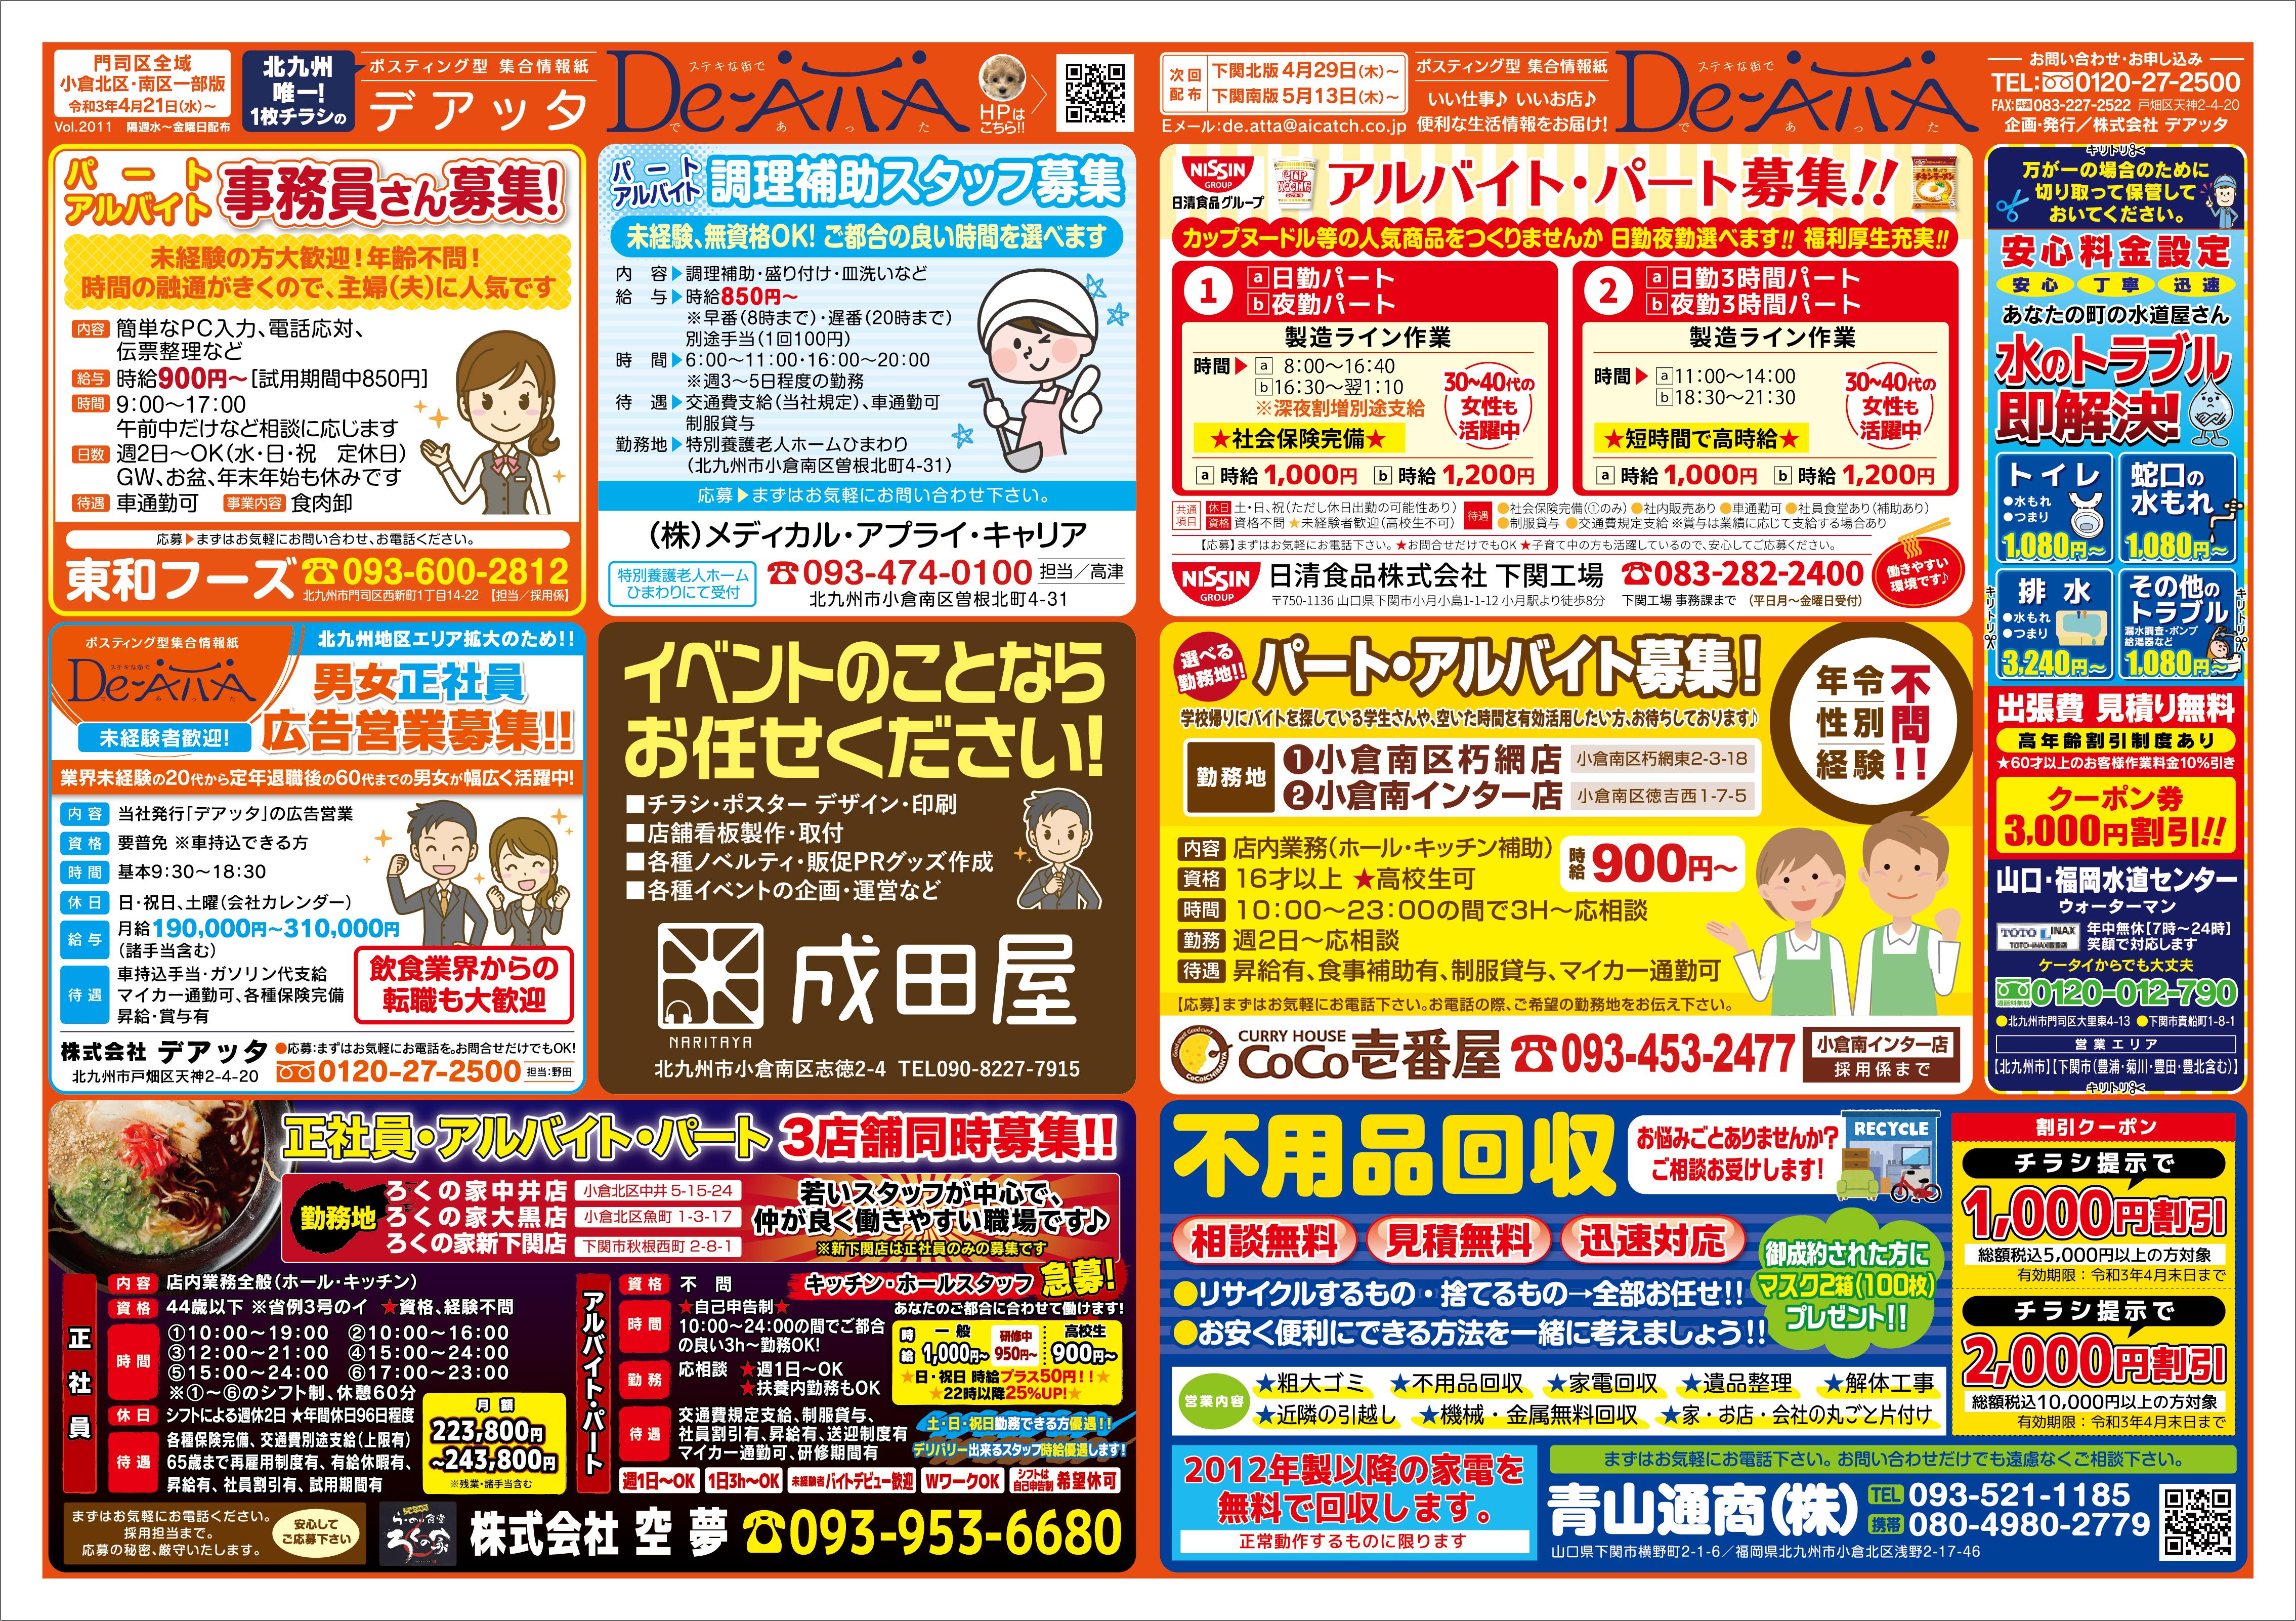 門司区全域・小倉北区南区一部版 令和3年4月21日号デアッタチラシ裏イメージ